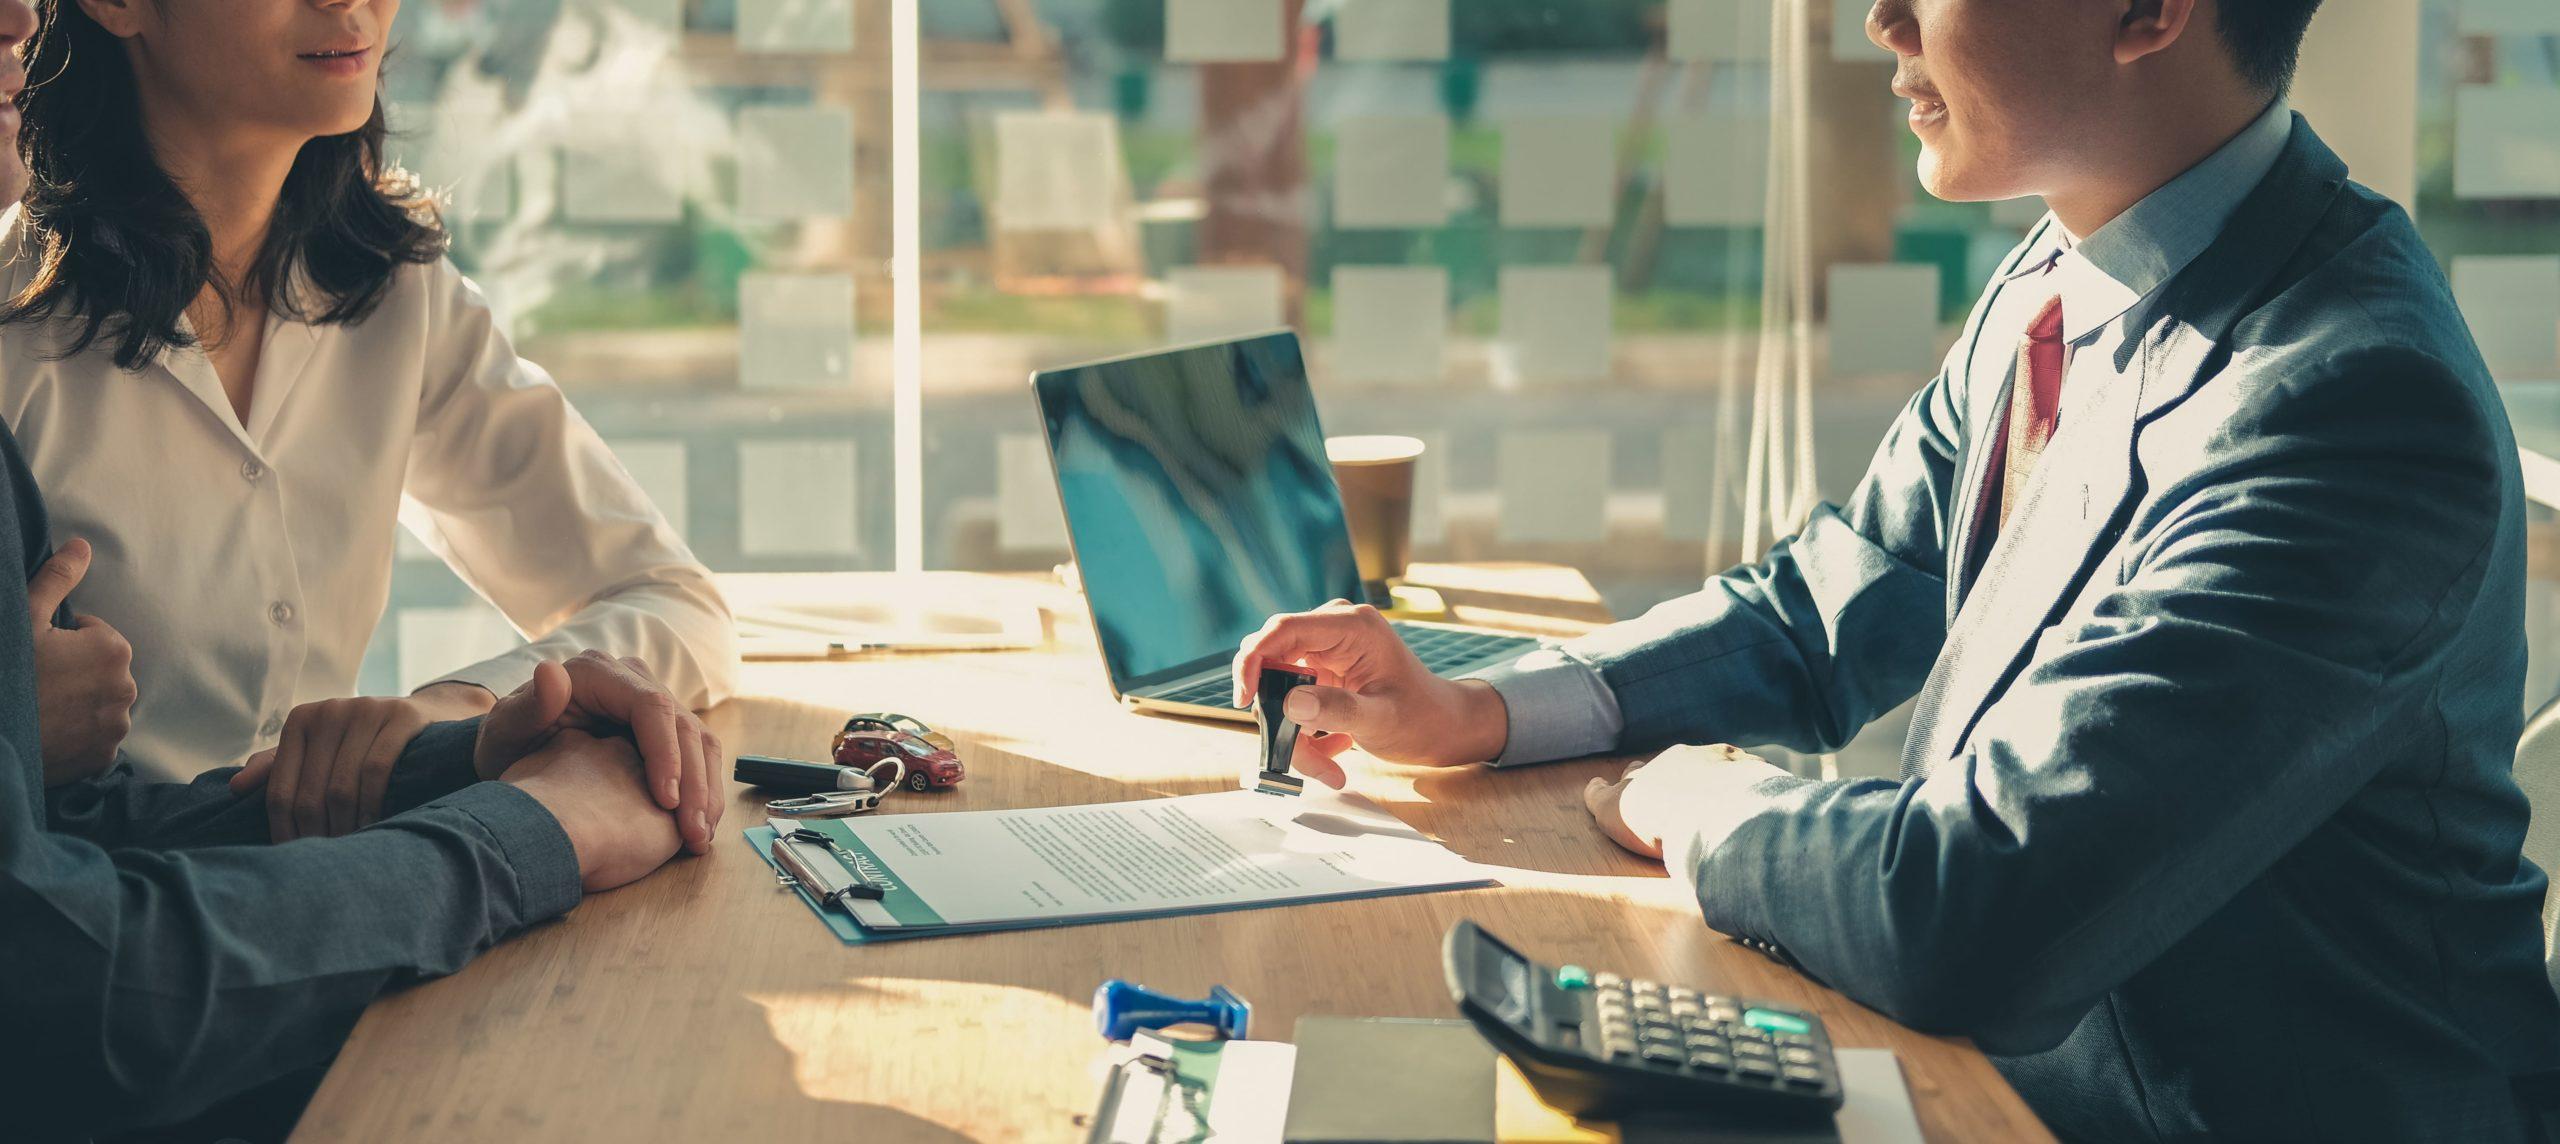 投資信託初心者が購入を迷ったら見るべき5つのファンドランキング情報